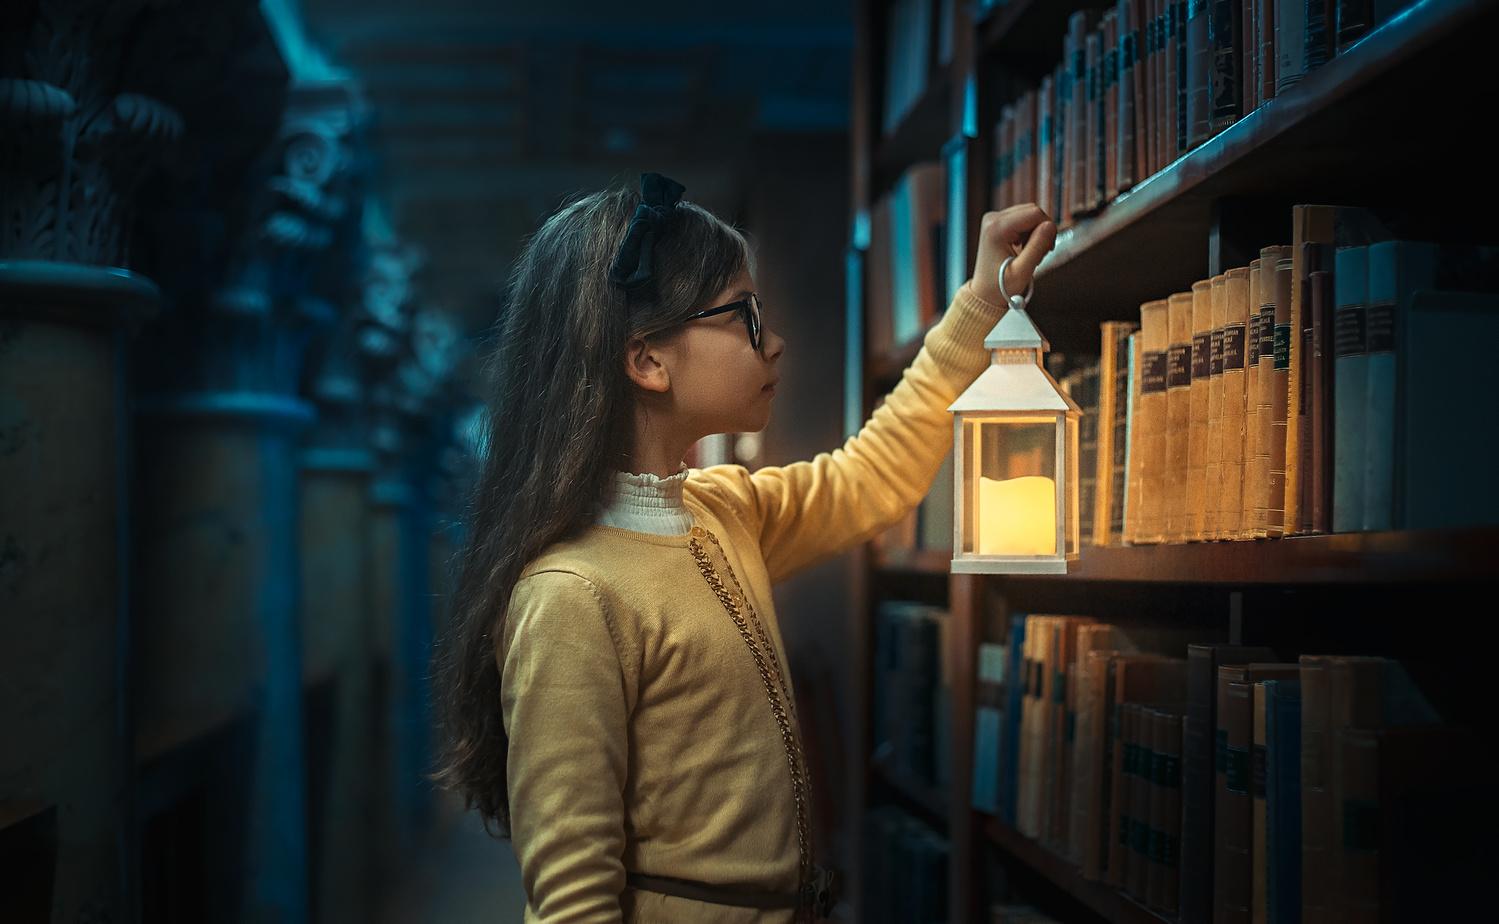 Little librarian by Heikki M